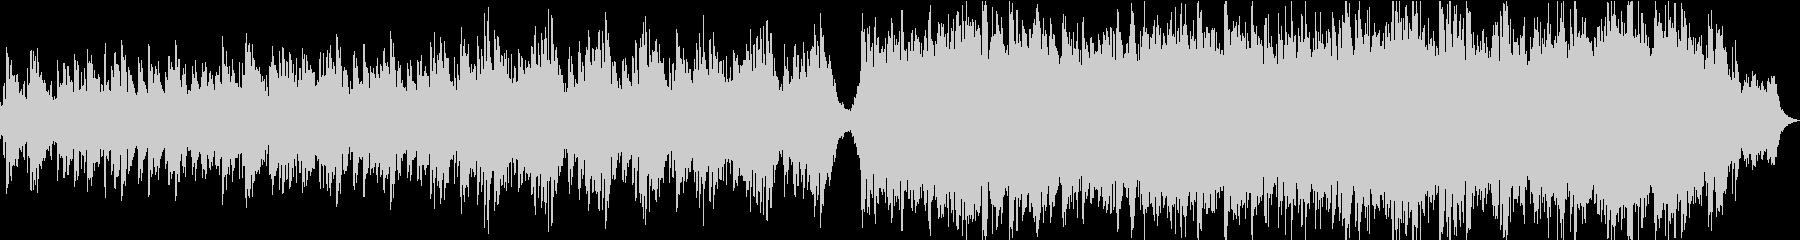 Background Pianoの未再生の波形